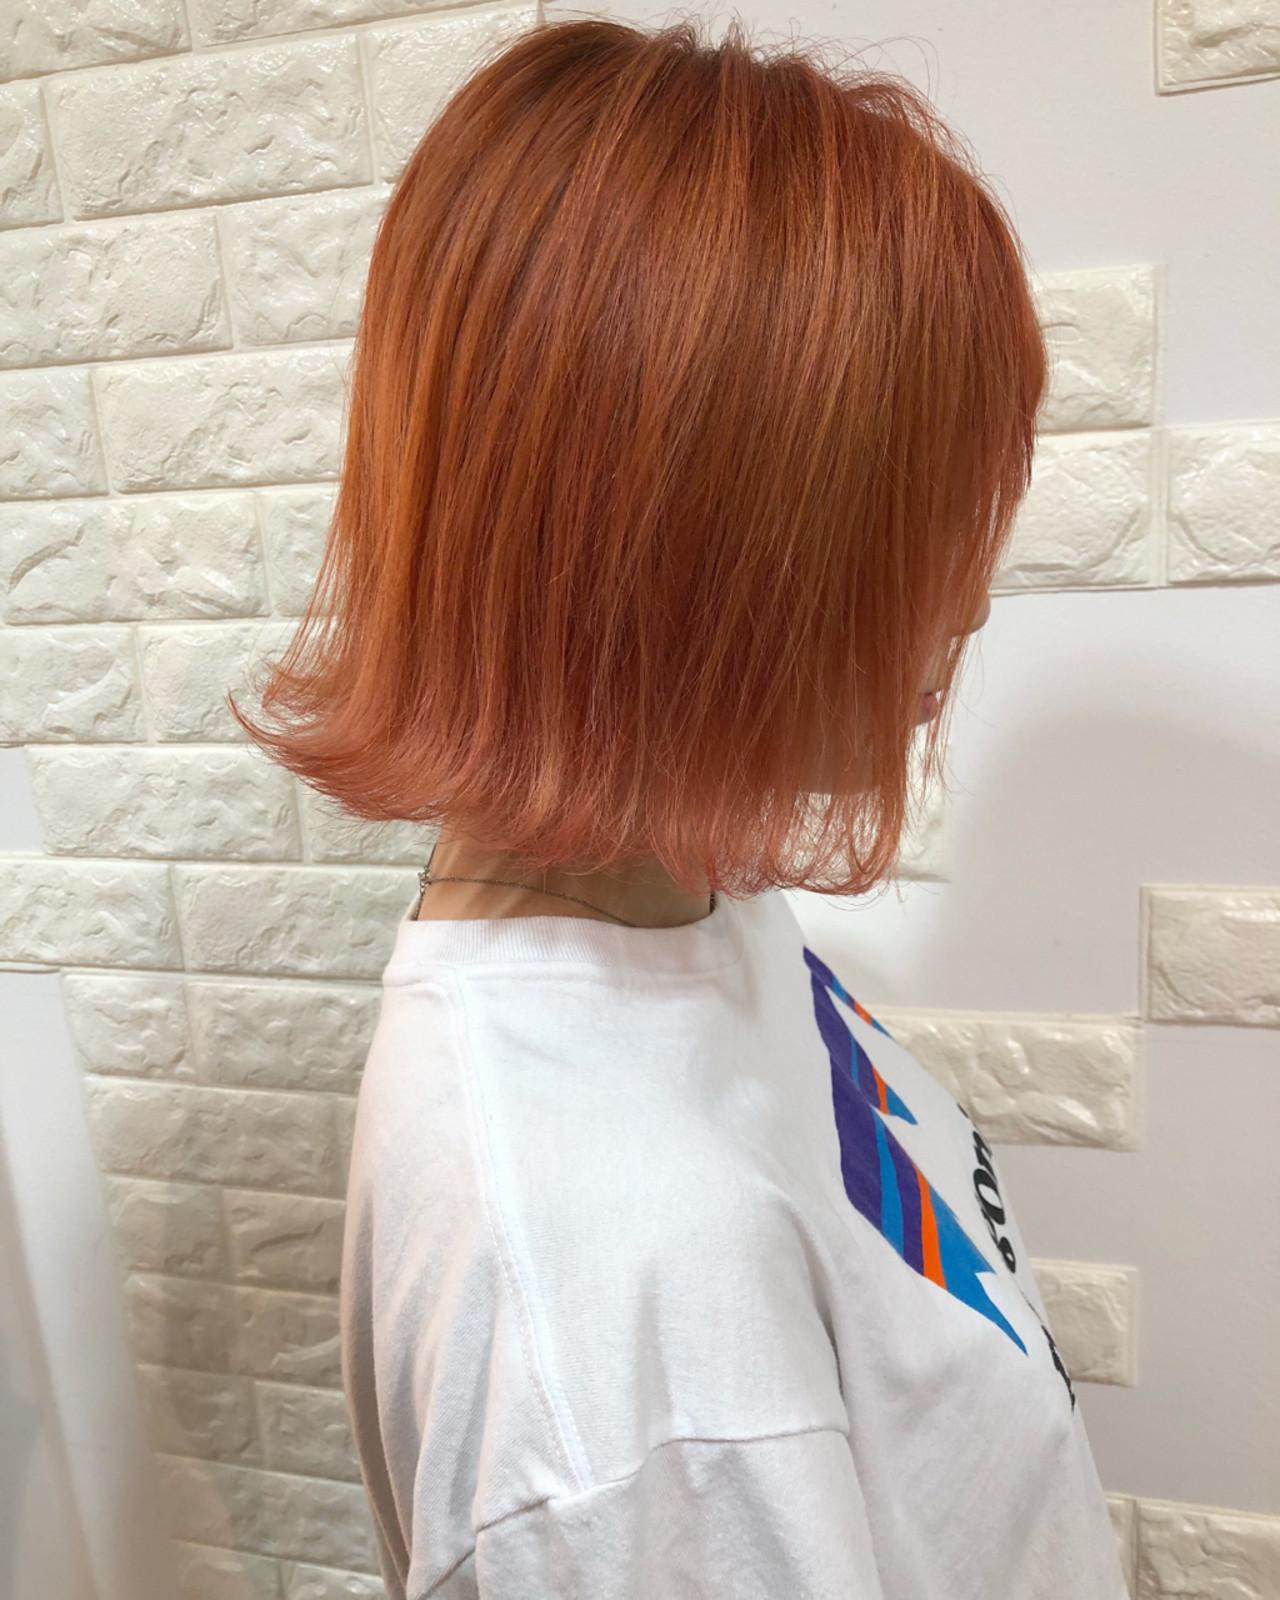 オレンジ ボブ ナチュラル アプリコットオレンジ ヘアスタイルや髪型の写真・画像